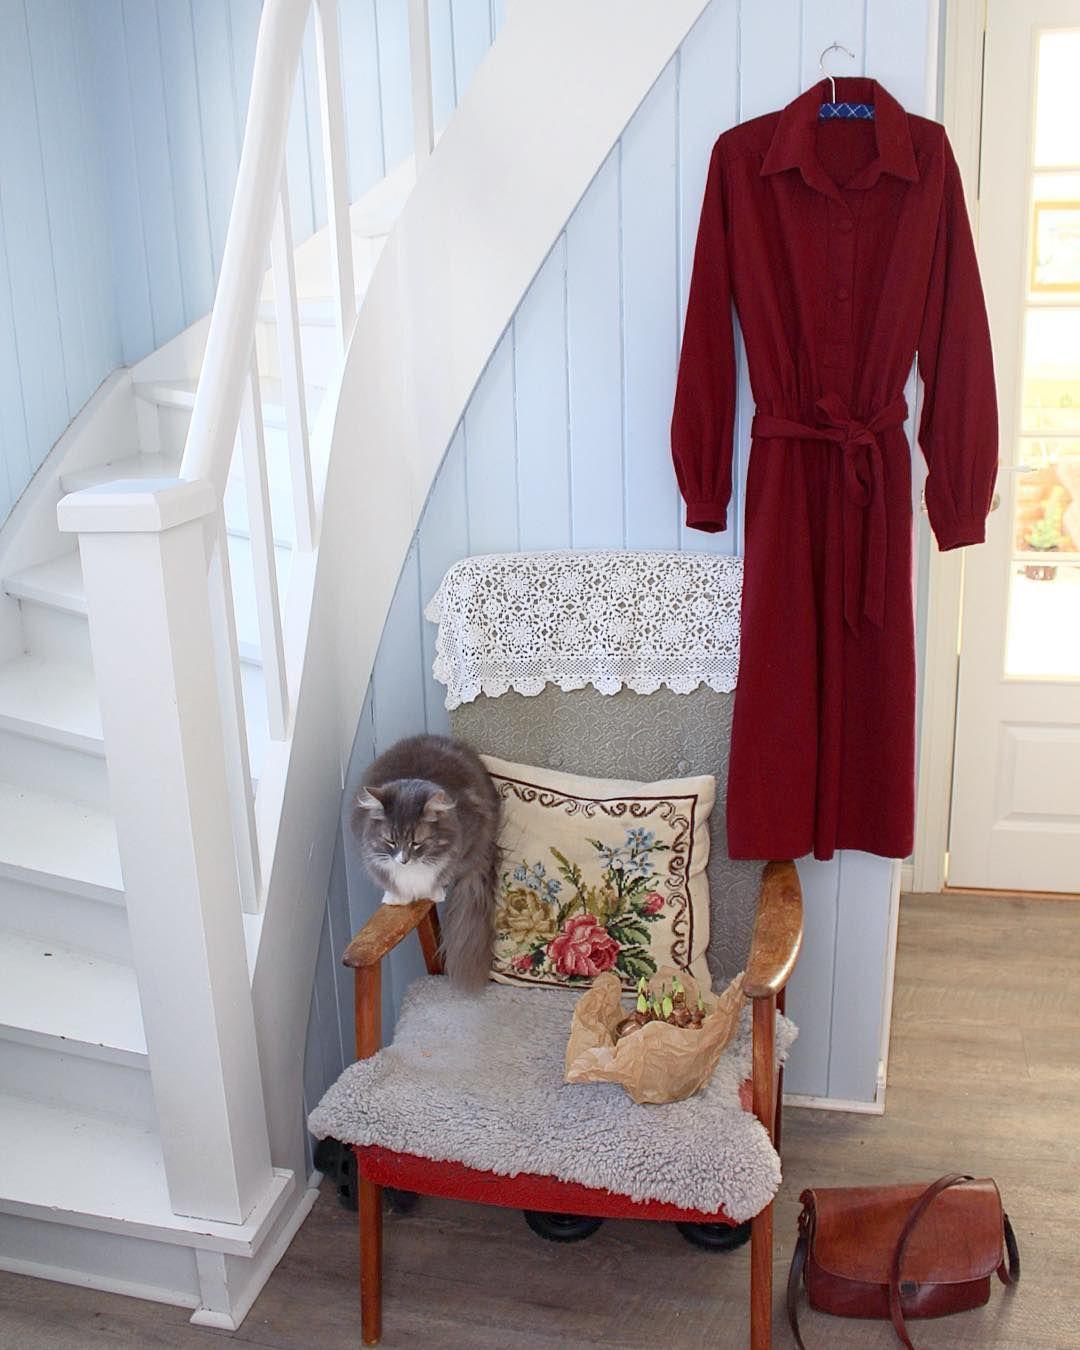 Home interior design kurs  gillamarkeringar  kommentarer  snuppedupp på instagram